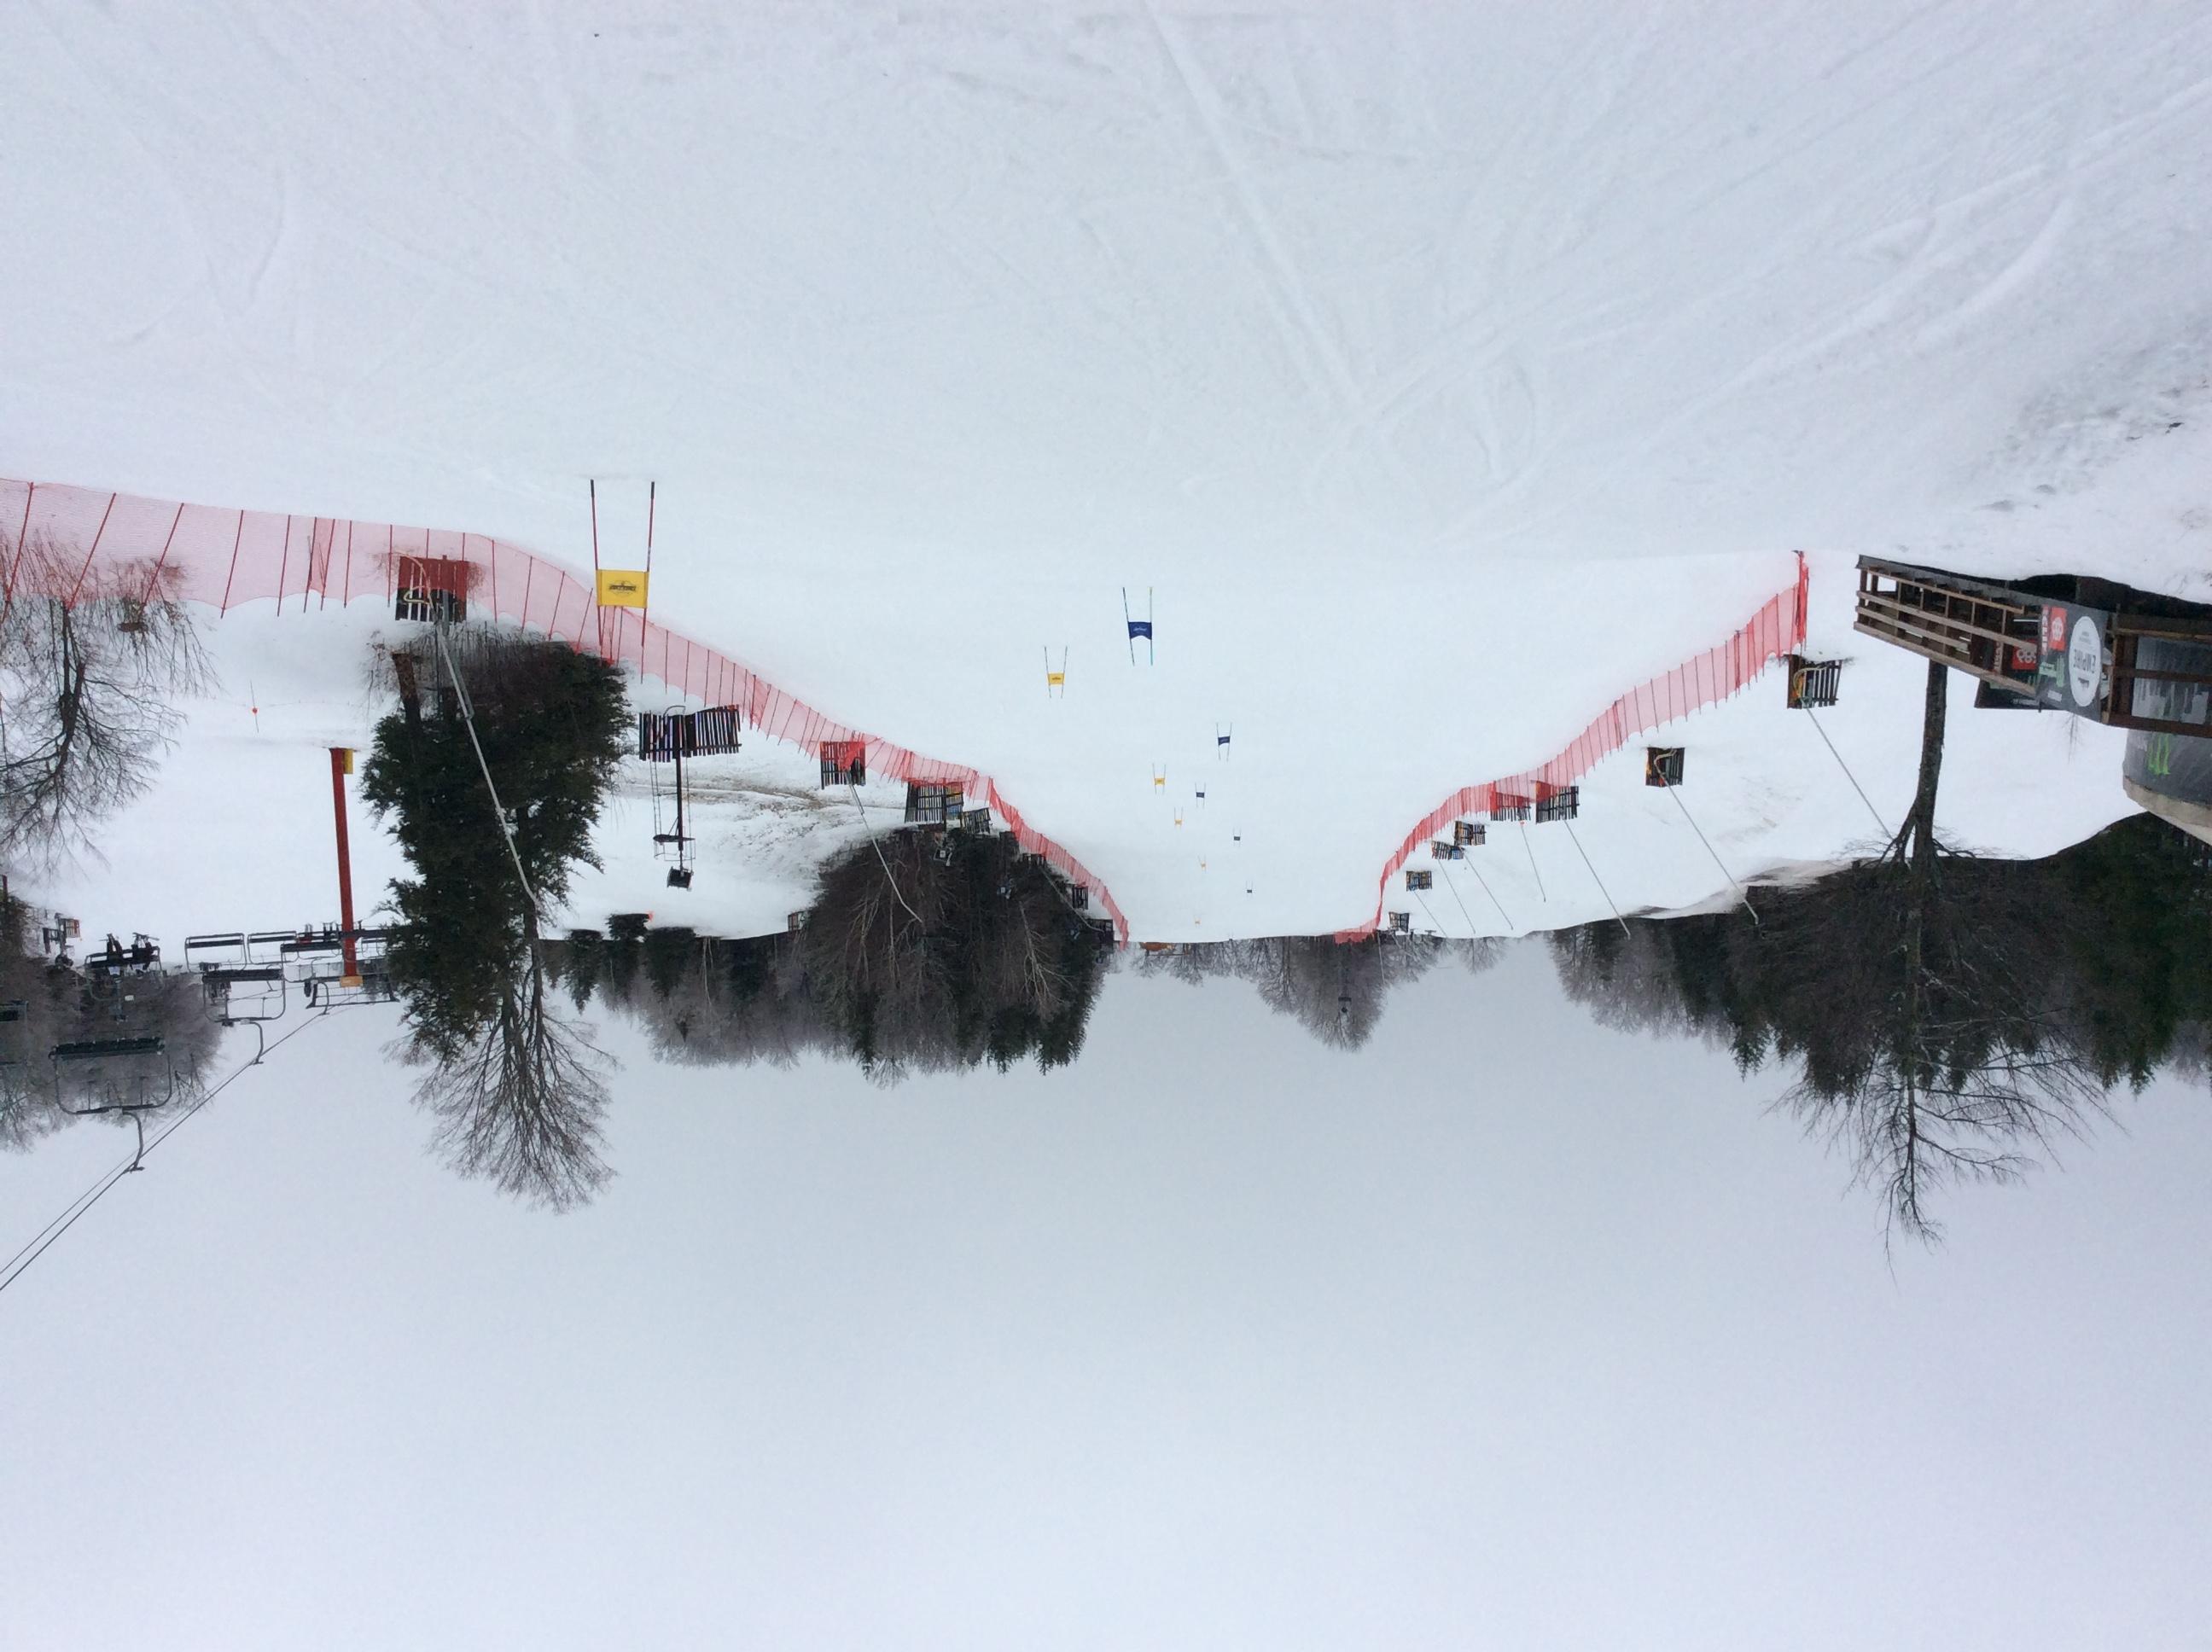 nypd-ski-club_31585169063_o